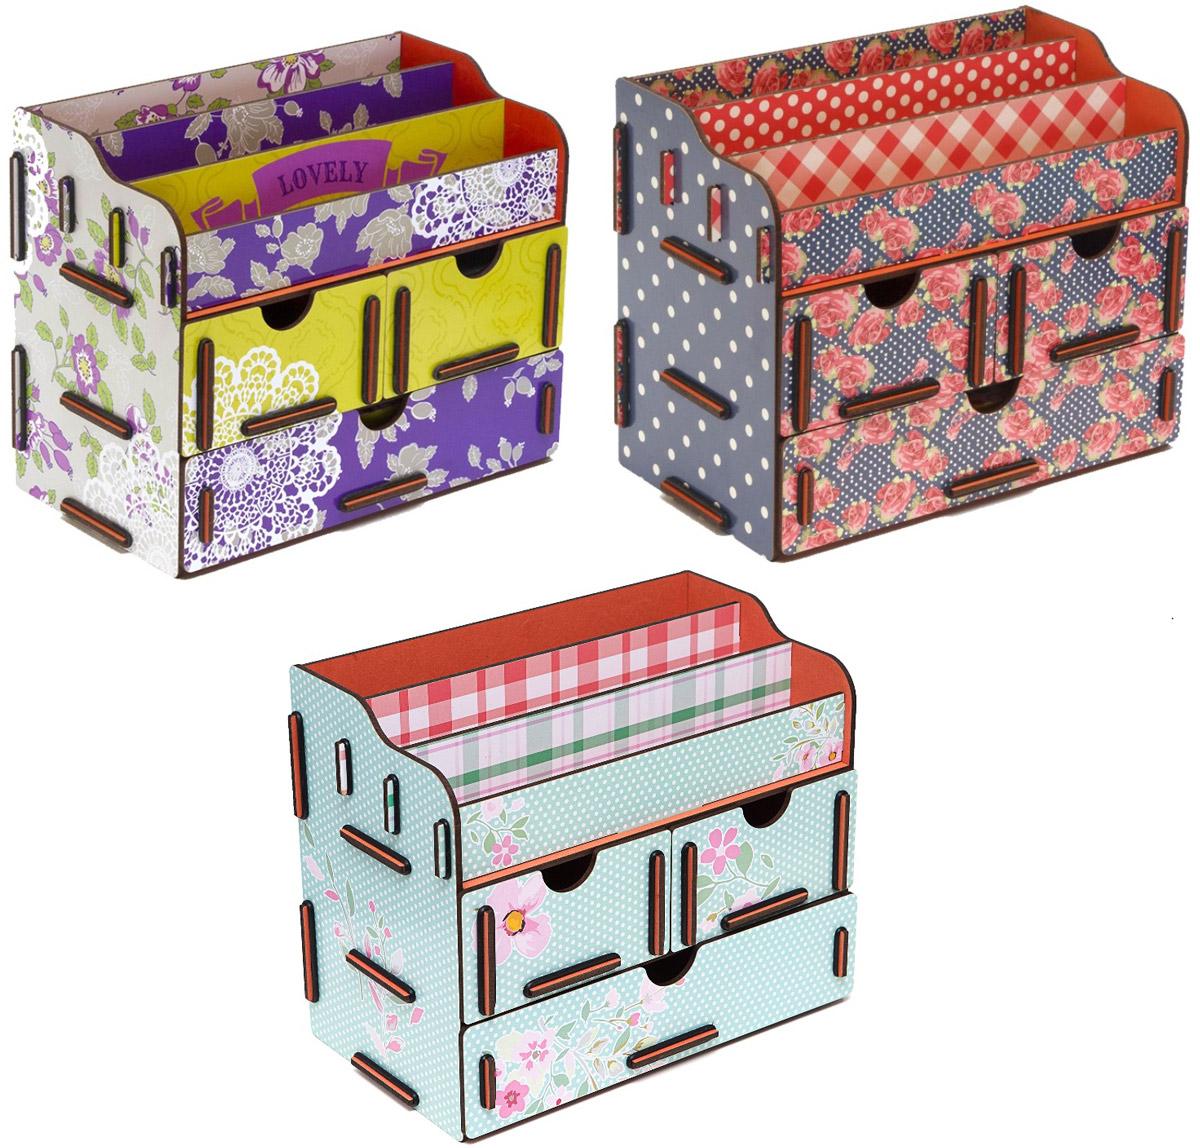 Набор шкатулок Homsu Любовь, увитая цветами, для украшений, 3 штDEN-07Этот комплект из оригинальных сундучков имеет множество полочек сверху для хранения косметики, парфюмерии и аксессуаров, а также два маленьких ящичка размером 11см на 14,5см и один большой ящик размером 22см на 14,5см, которые позволят разместить в них все самое необходимое и сокровенное для каждой женщины. Шкатулочки можно поставить на стол, они станут отличным дополнением интерьера. 240х140х190; 240х140х190; 240х140х190